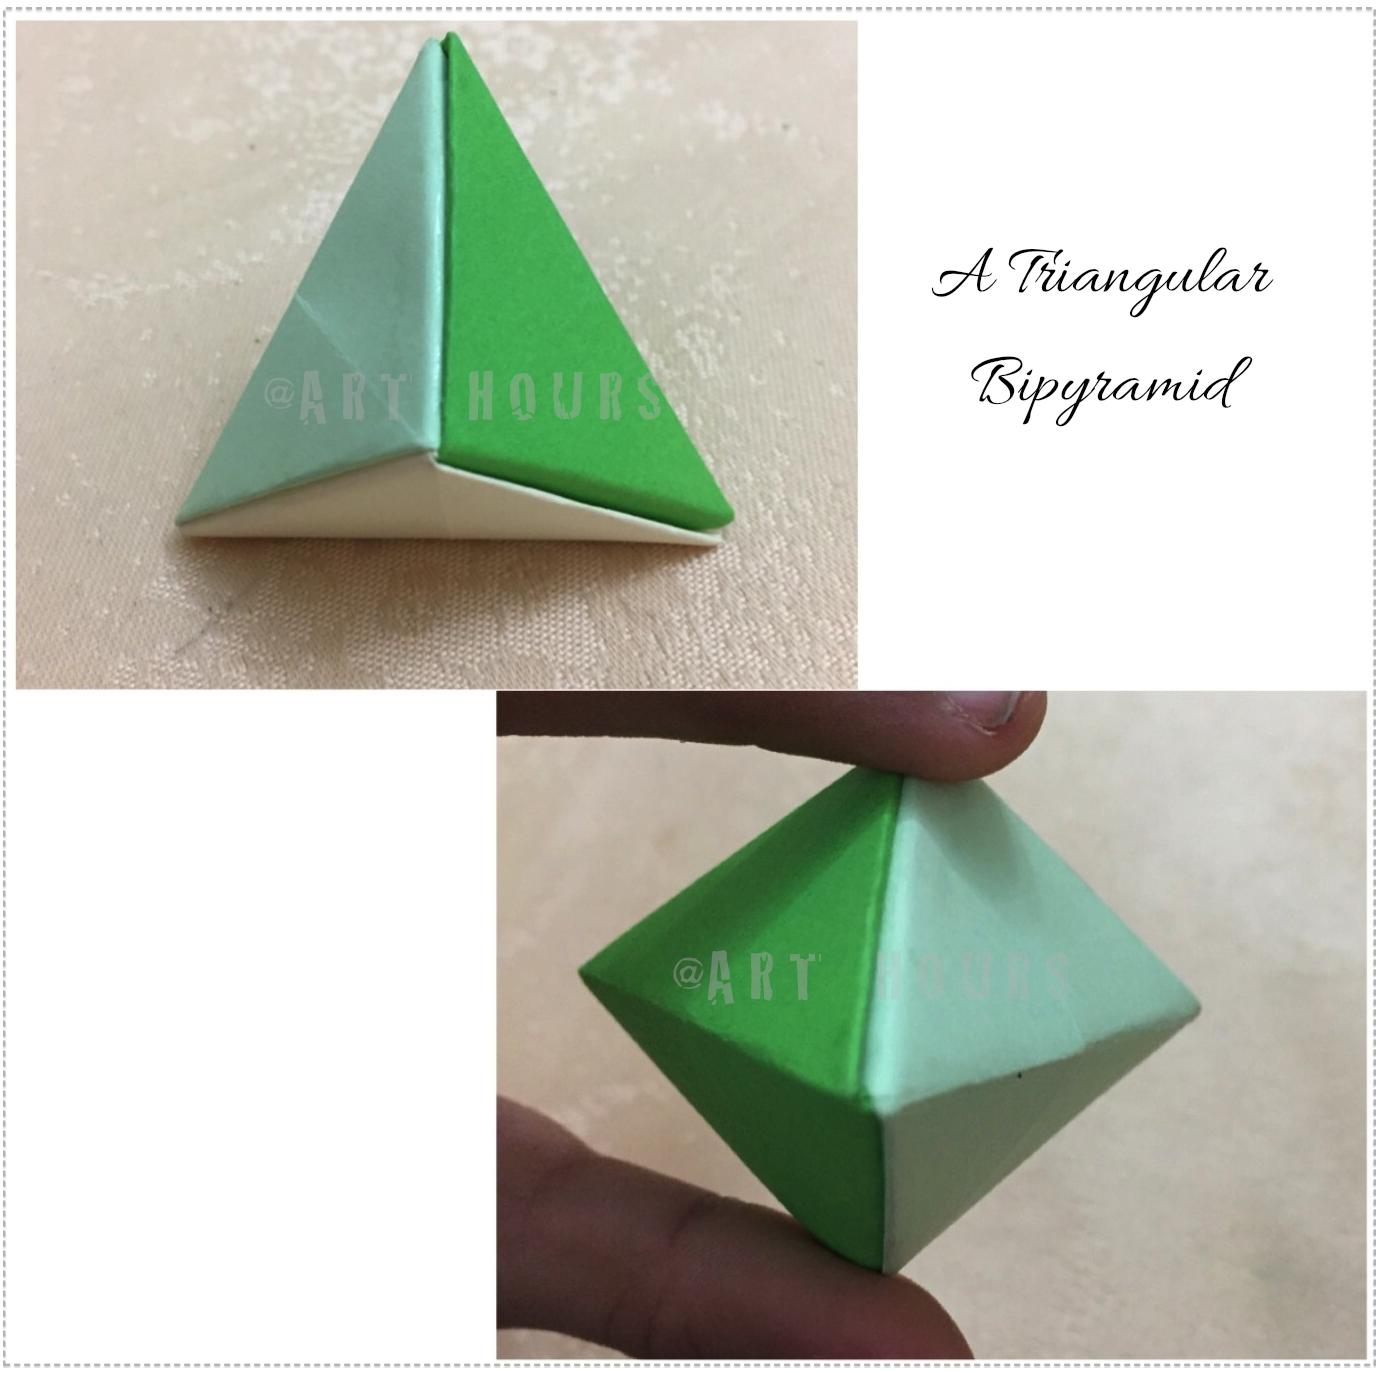 A Triangular Bipyramid Using 3 Sonobe Units